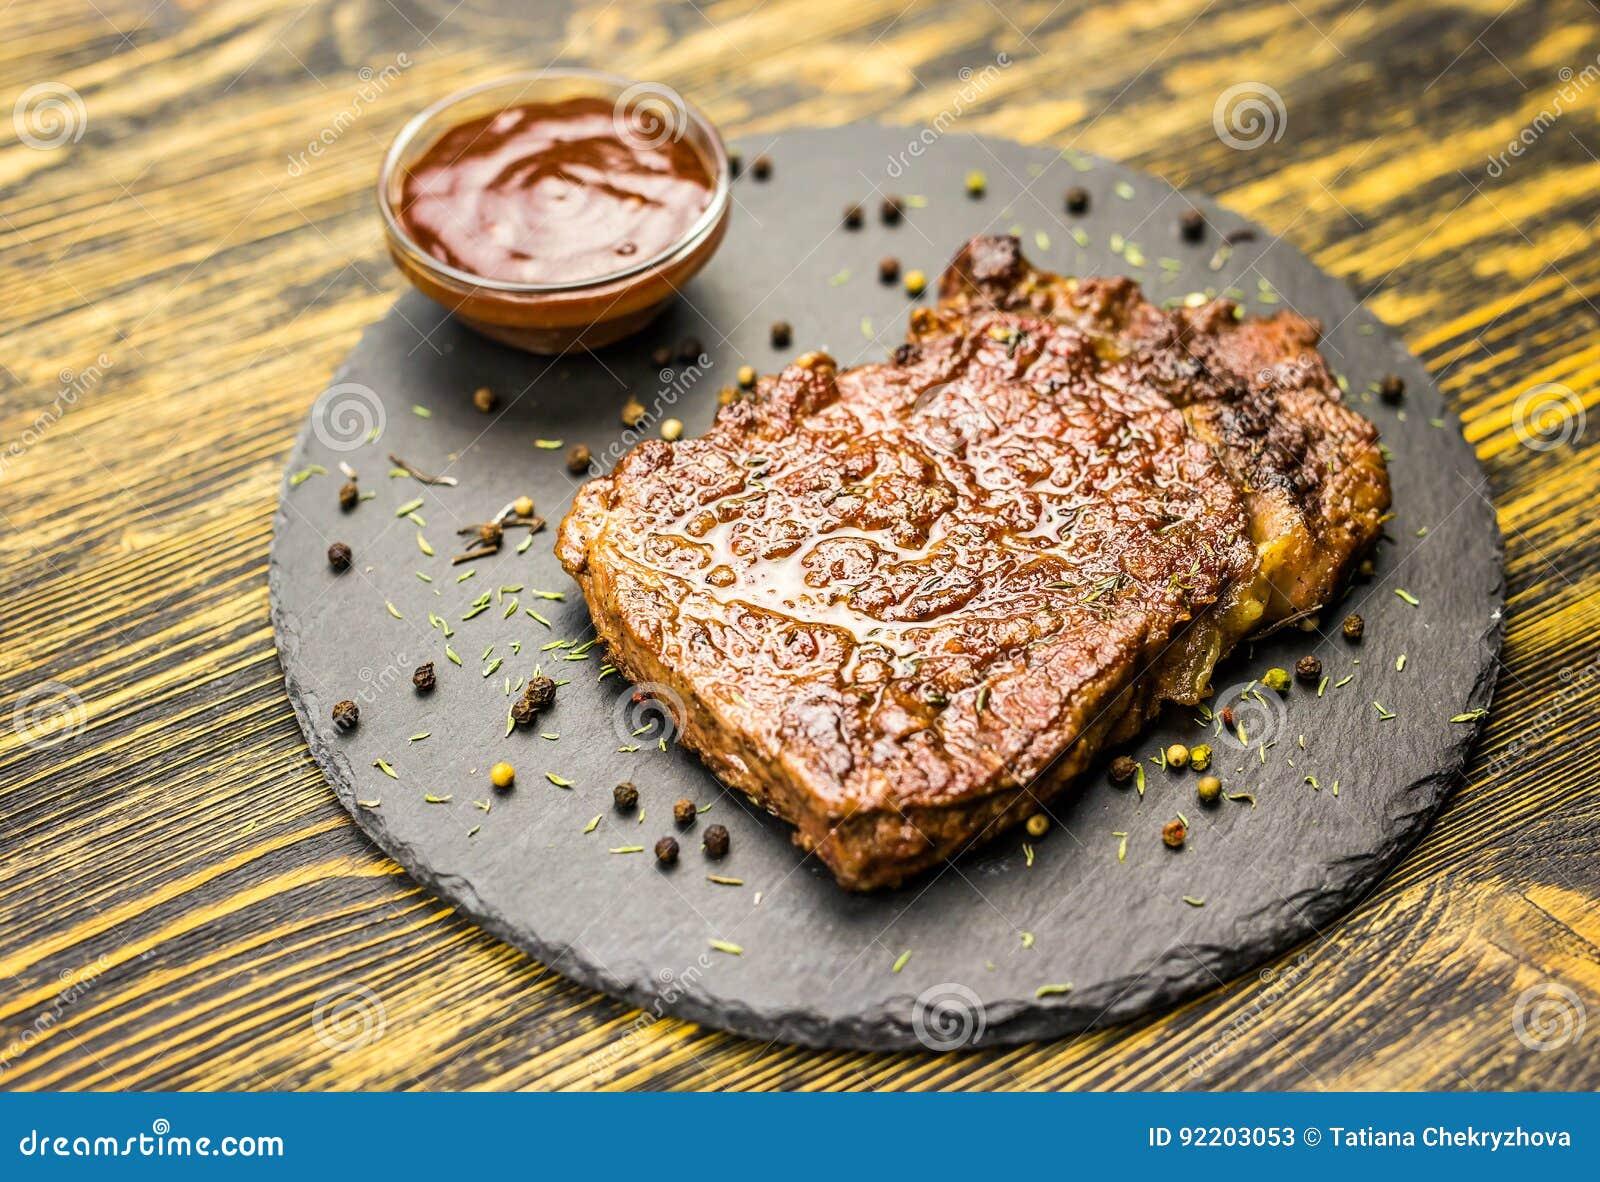 Bife grelhado com molho